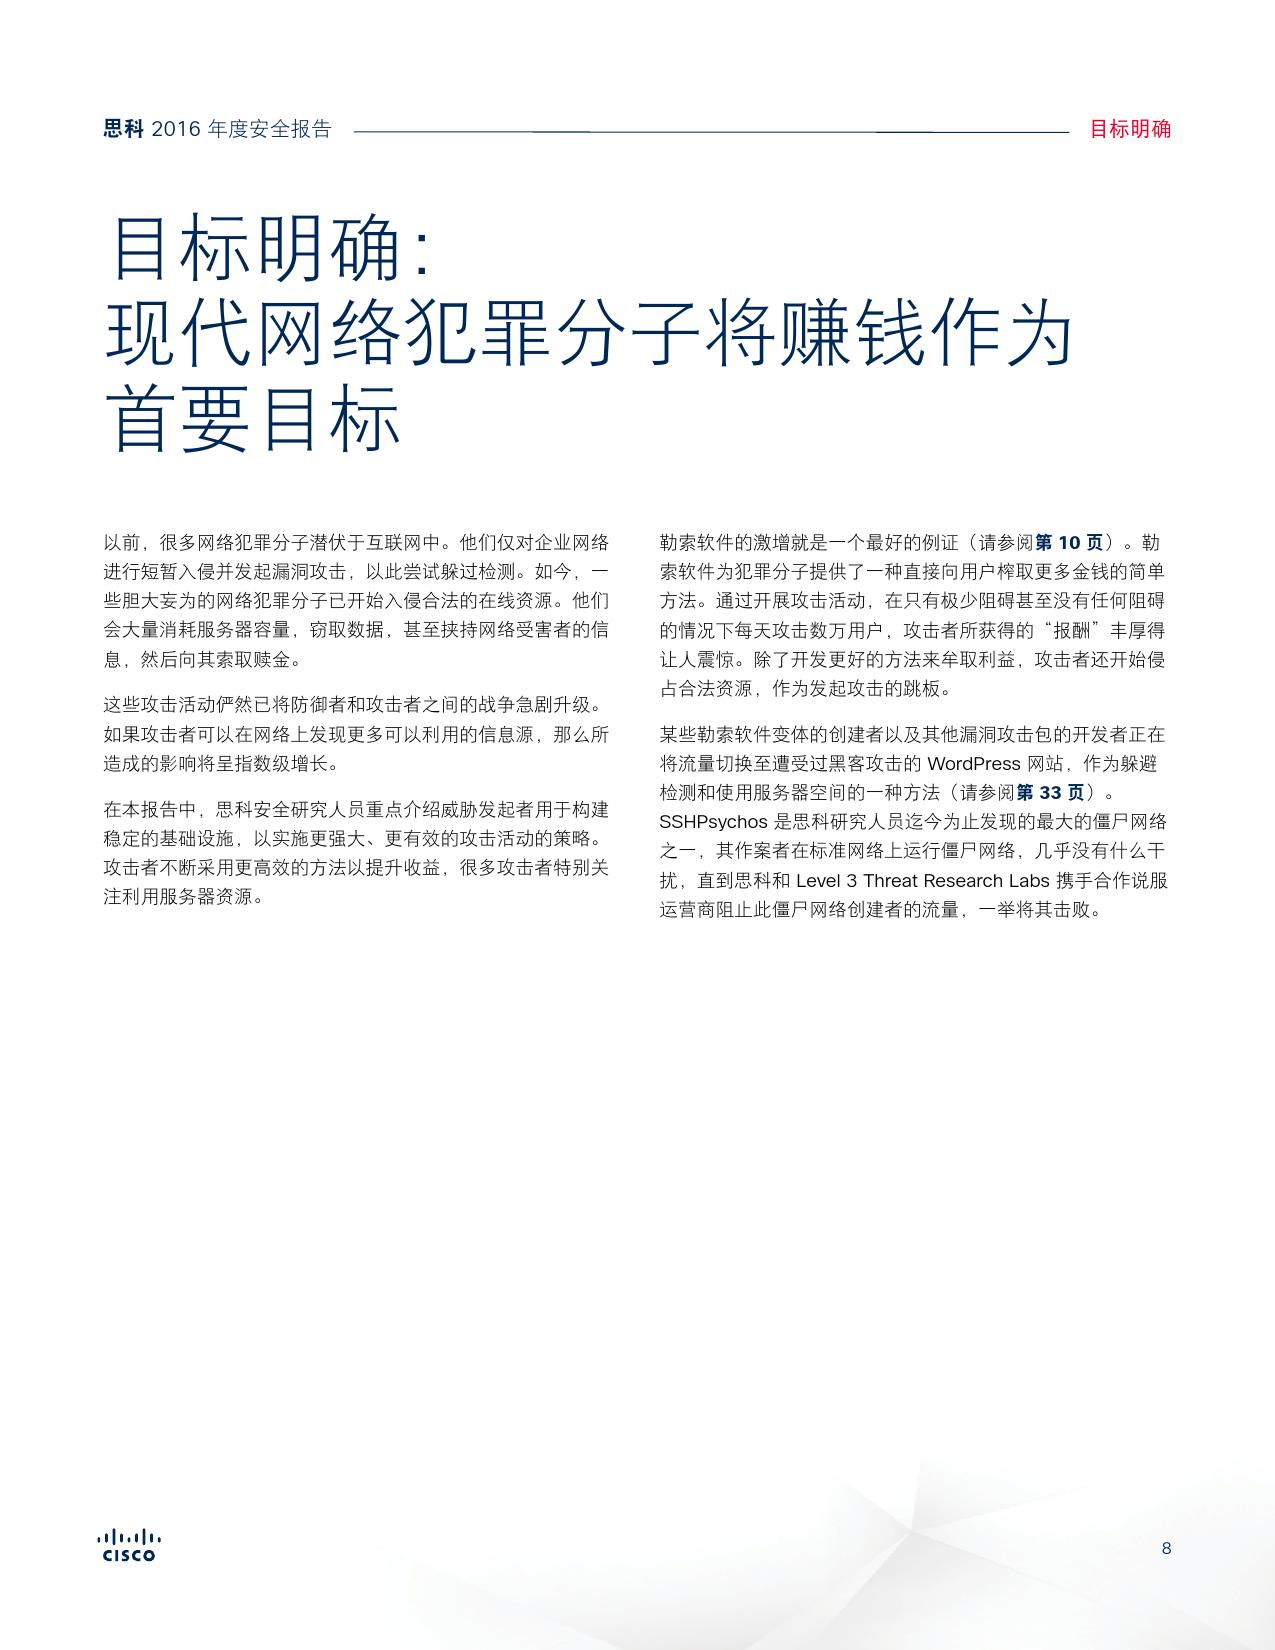 2016年中网络安全报告_000008